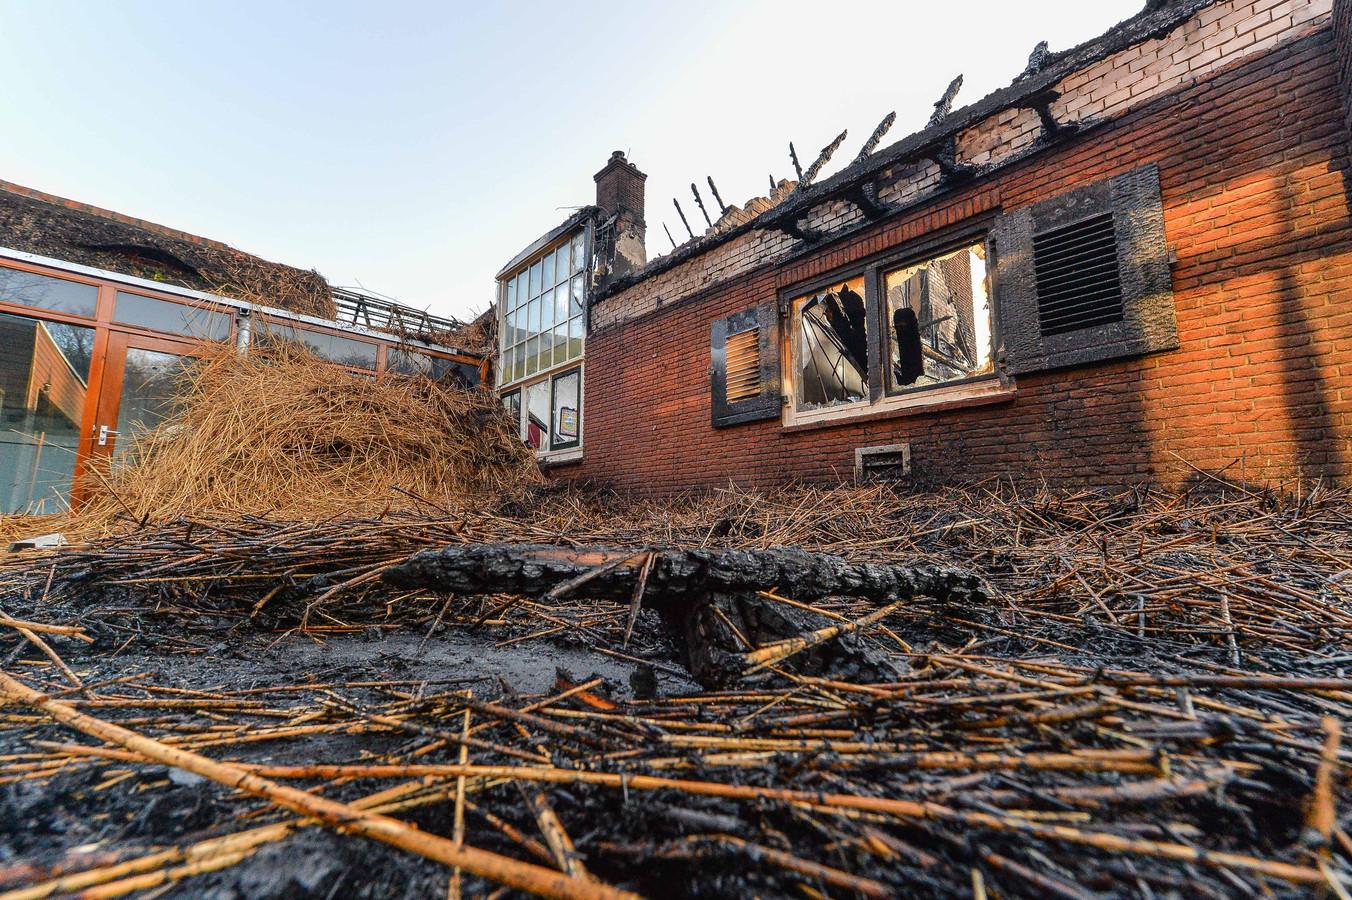 Het door brand verwoeste pand bij zonsopkomst. De verslavingskliniek van het Leger des Heils in Ugchelen ging in vlammen op.